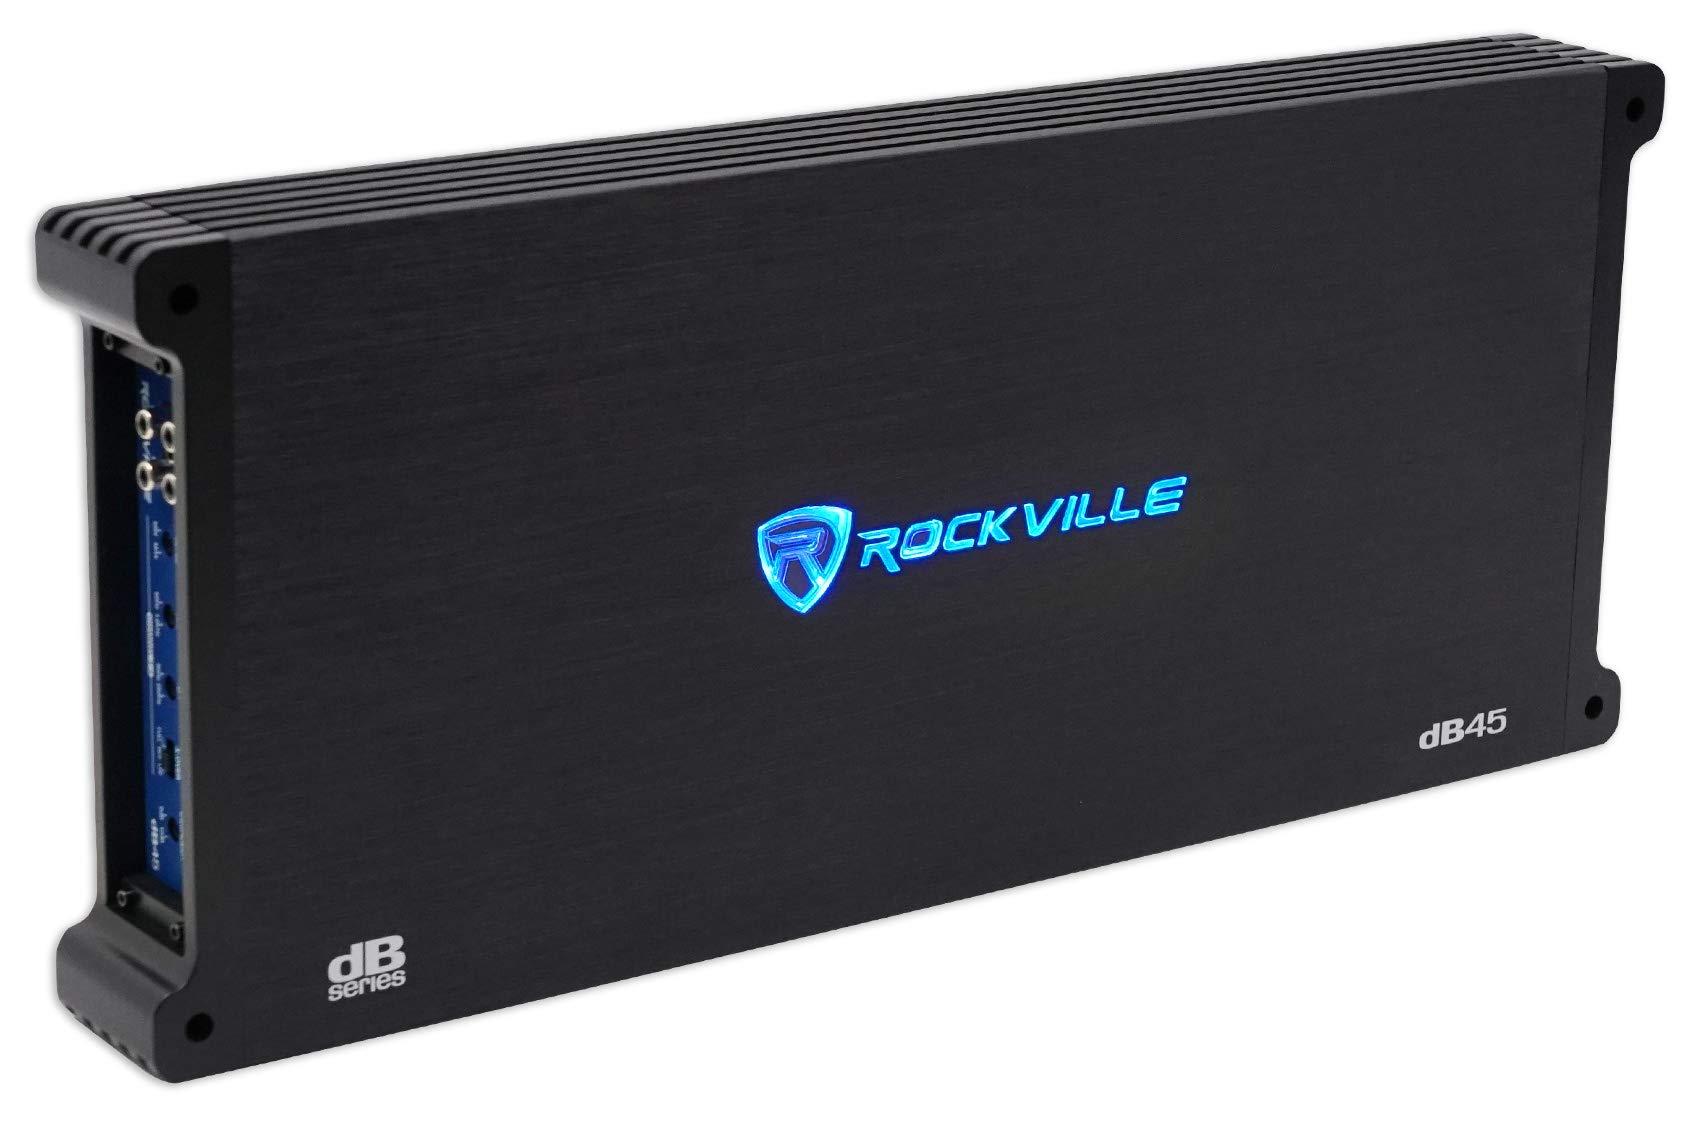 Rockville Channel Compliant Amplifier dB45